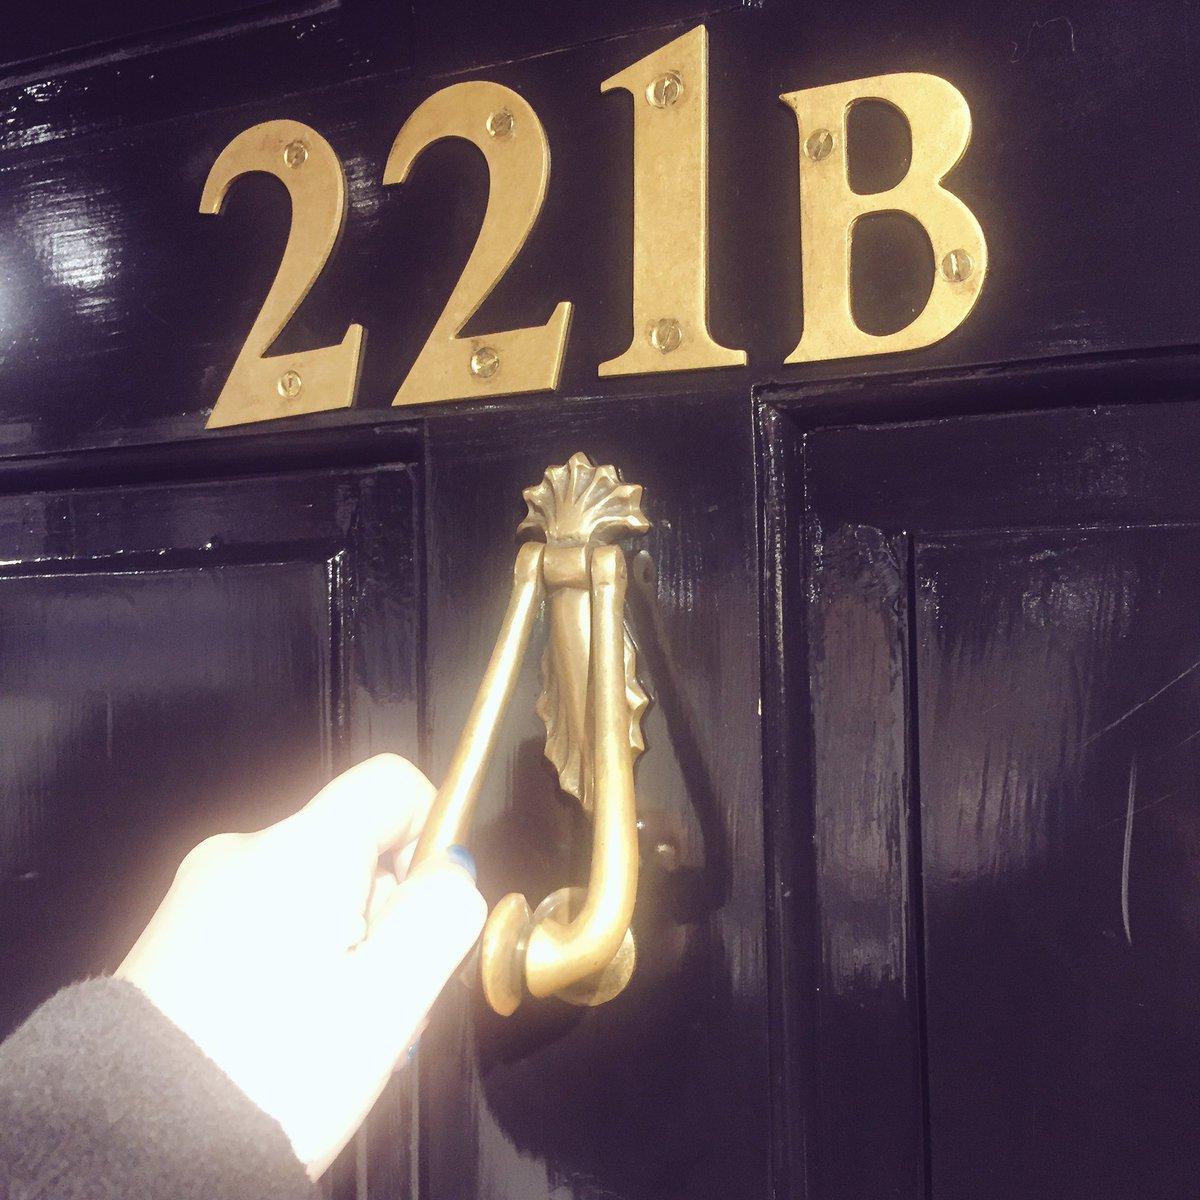 渋谷221B行ってお兄やんのラテ飲んできたよ なんか手が発光してしまったよ 似顔絵みたいなのがかわいいよ https://t.co/hL8zB5D9i3